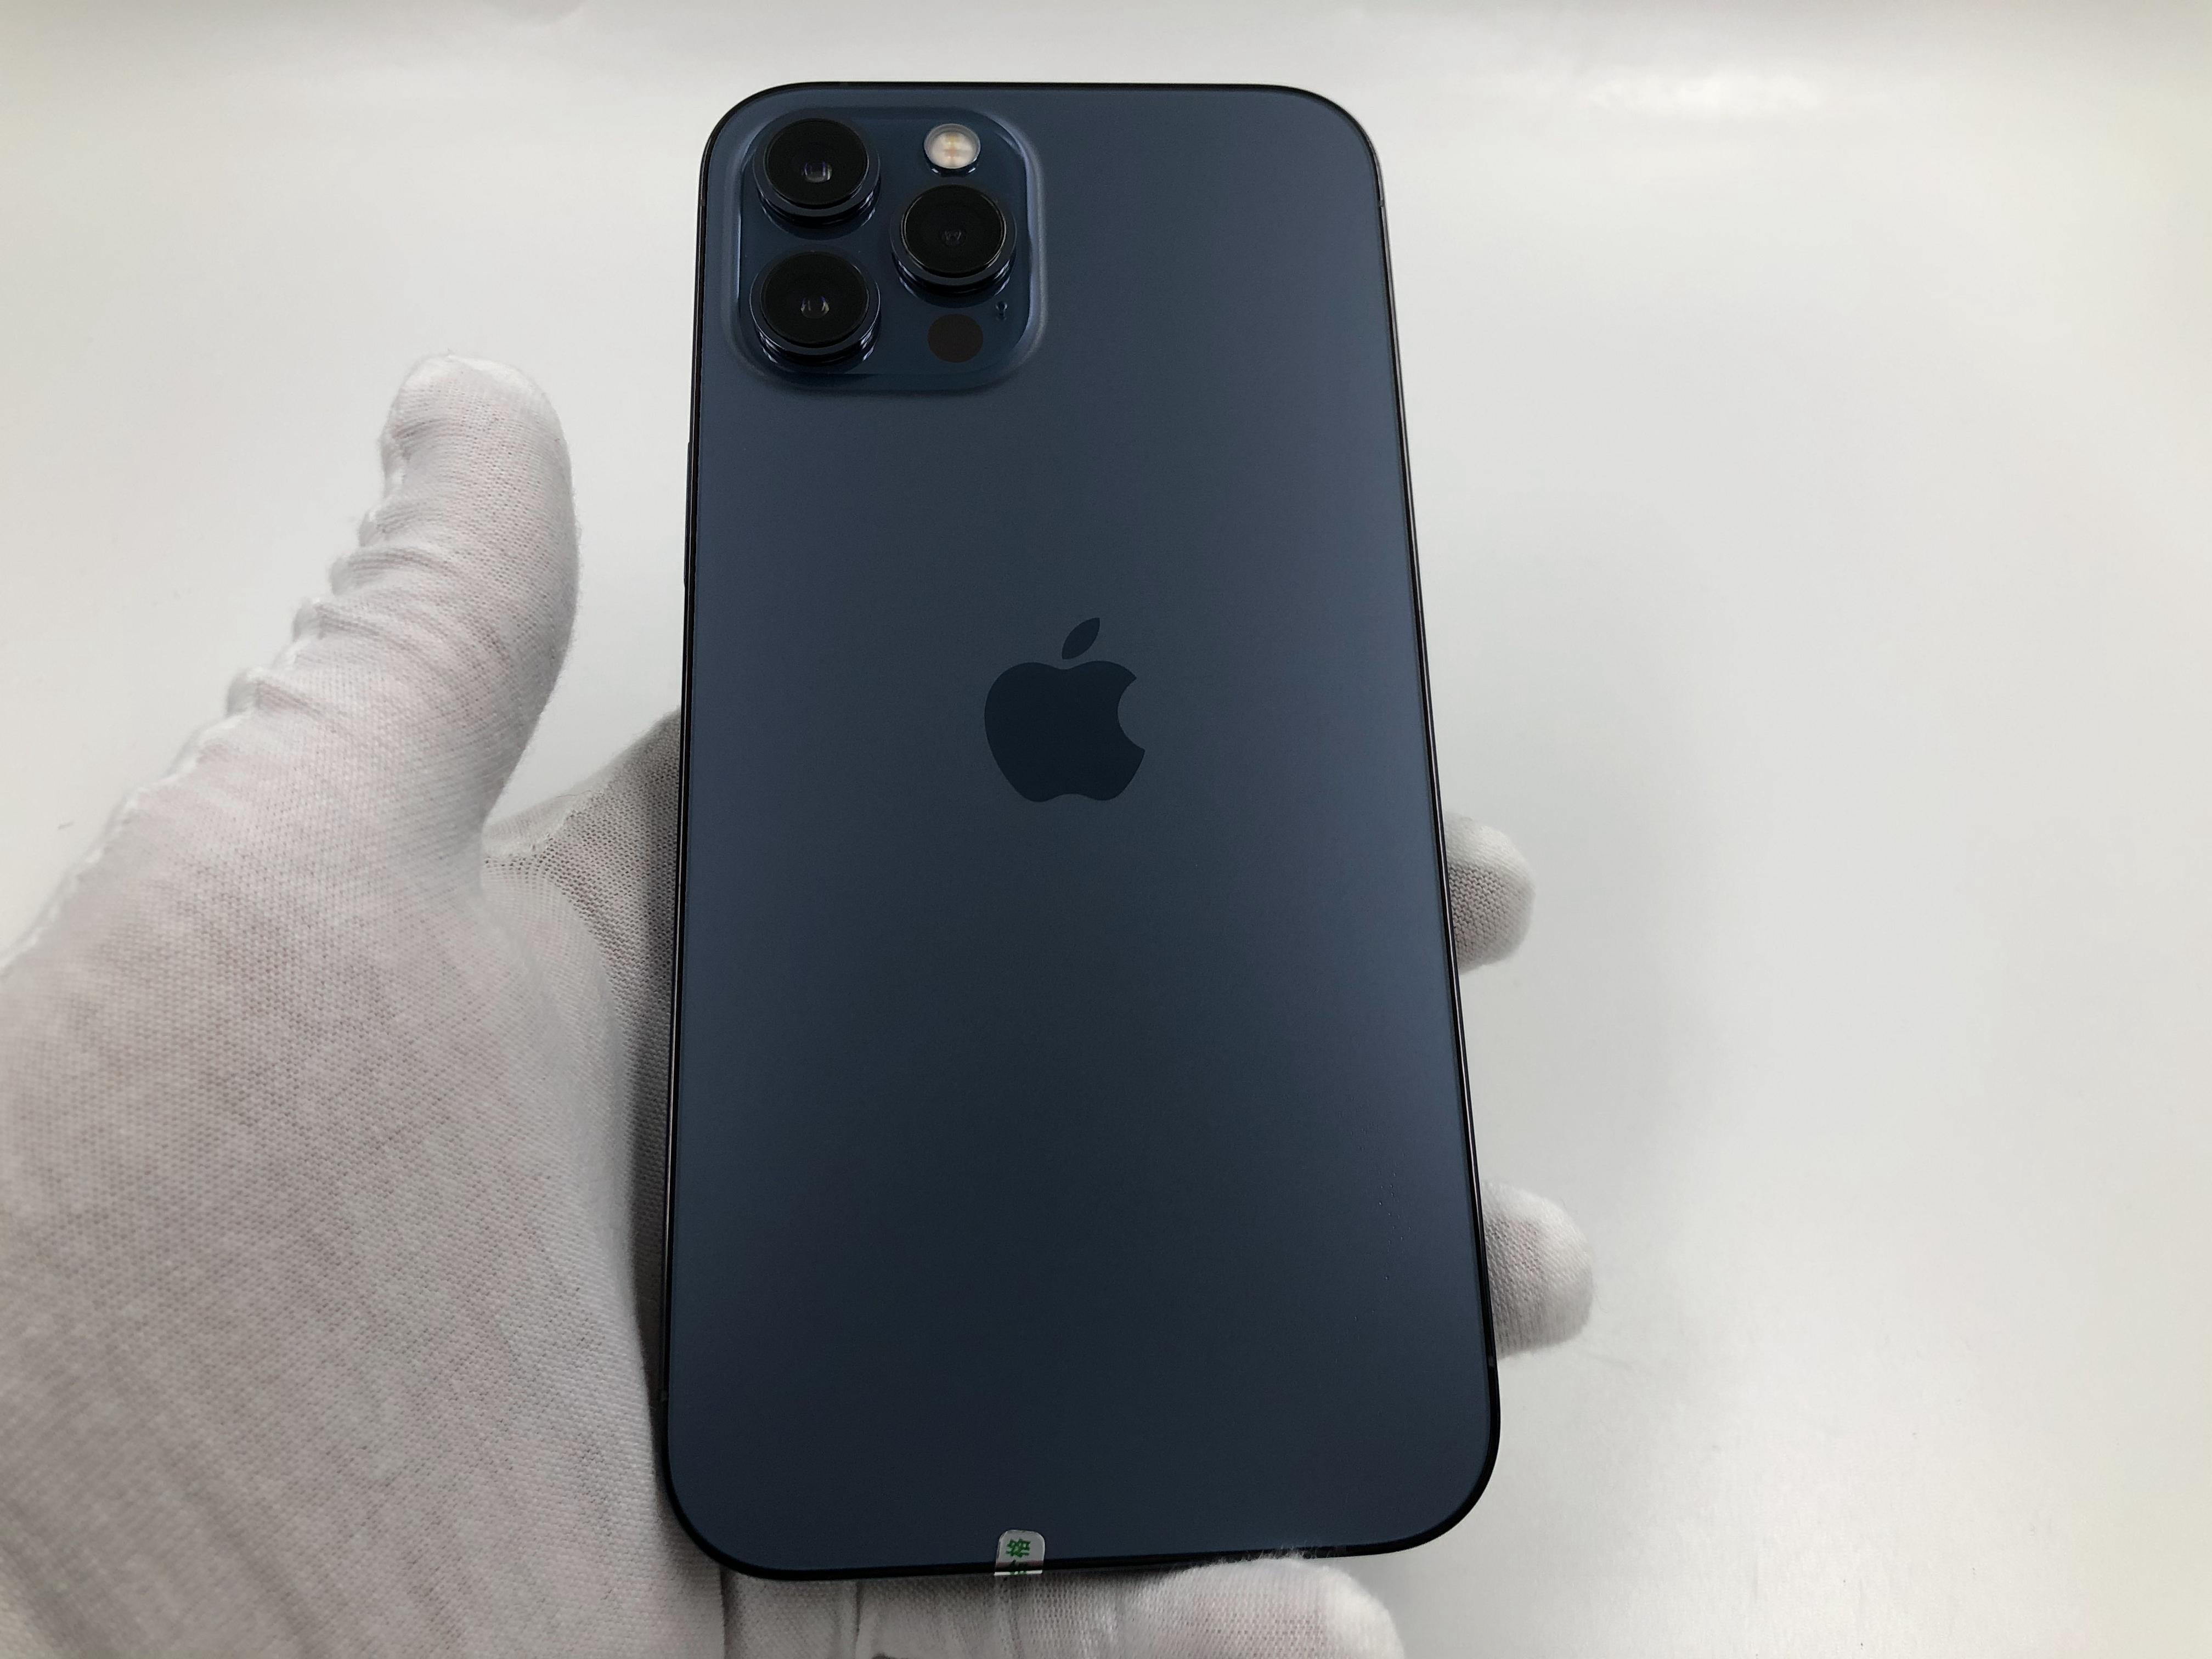 苹果【iPhone 12 Pro Max】5G全网通 海蓝色 256G 国行 95新 真机实拍保修2021-11-22